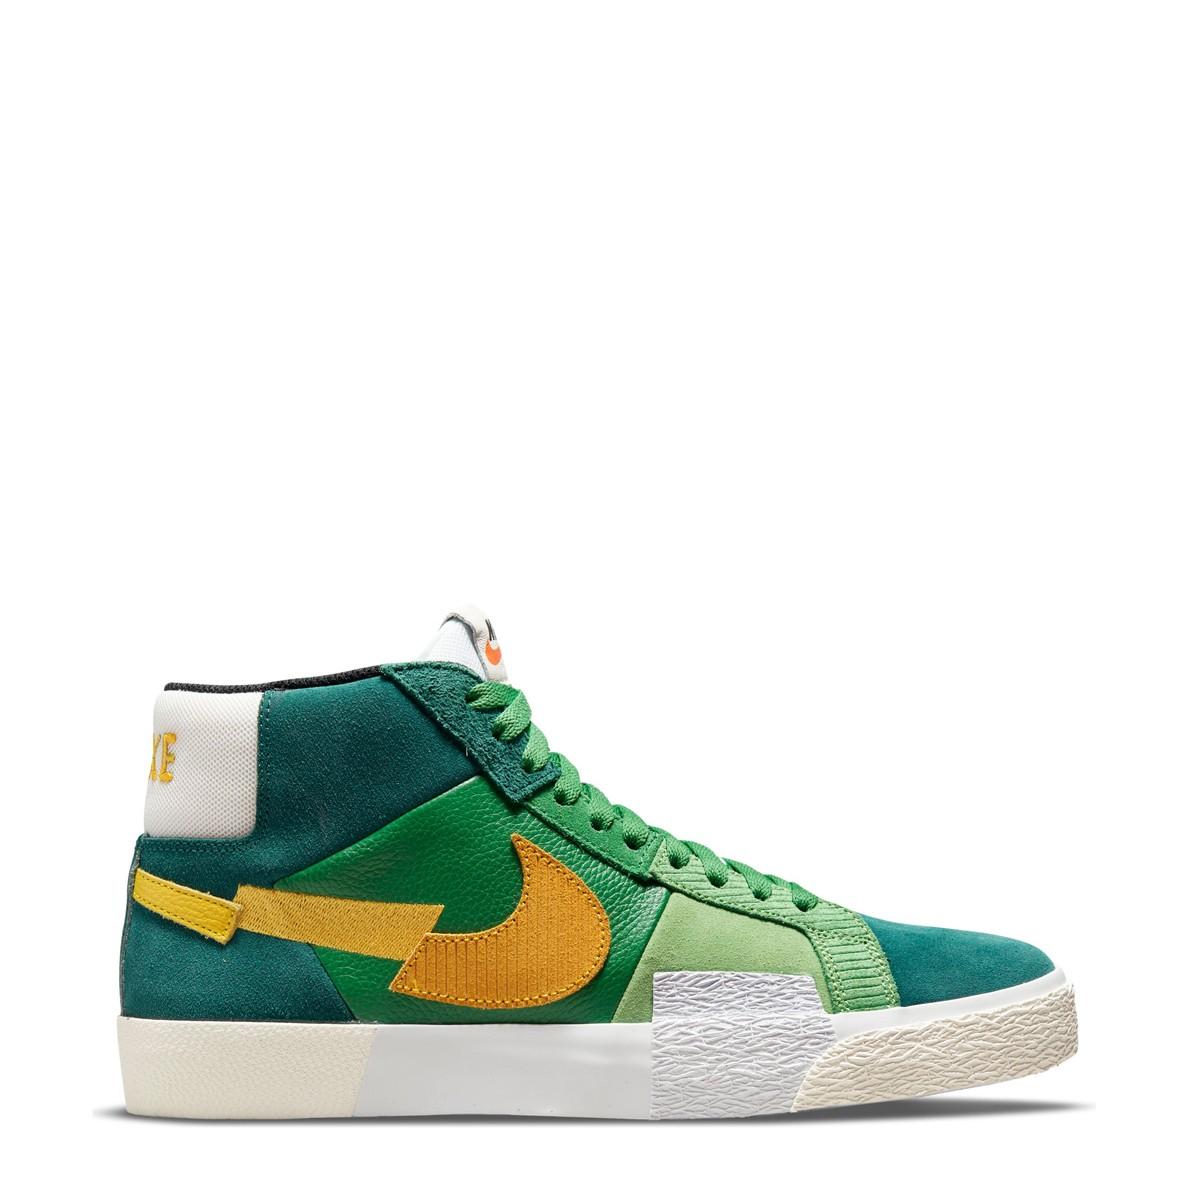 Nike SB Zoom Blazer Mid Premium Unisex Ayakkabı DA8854-300